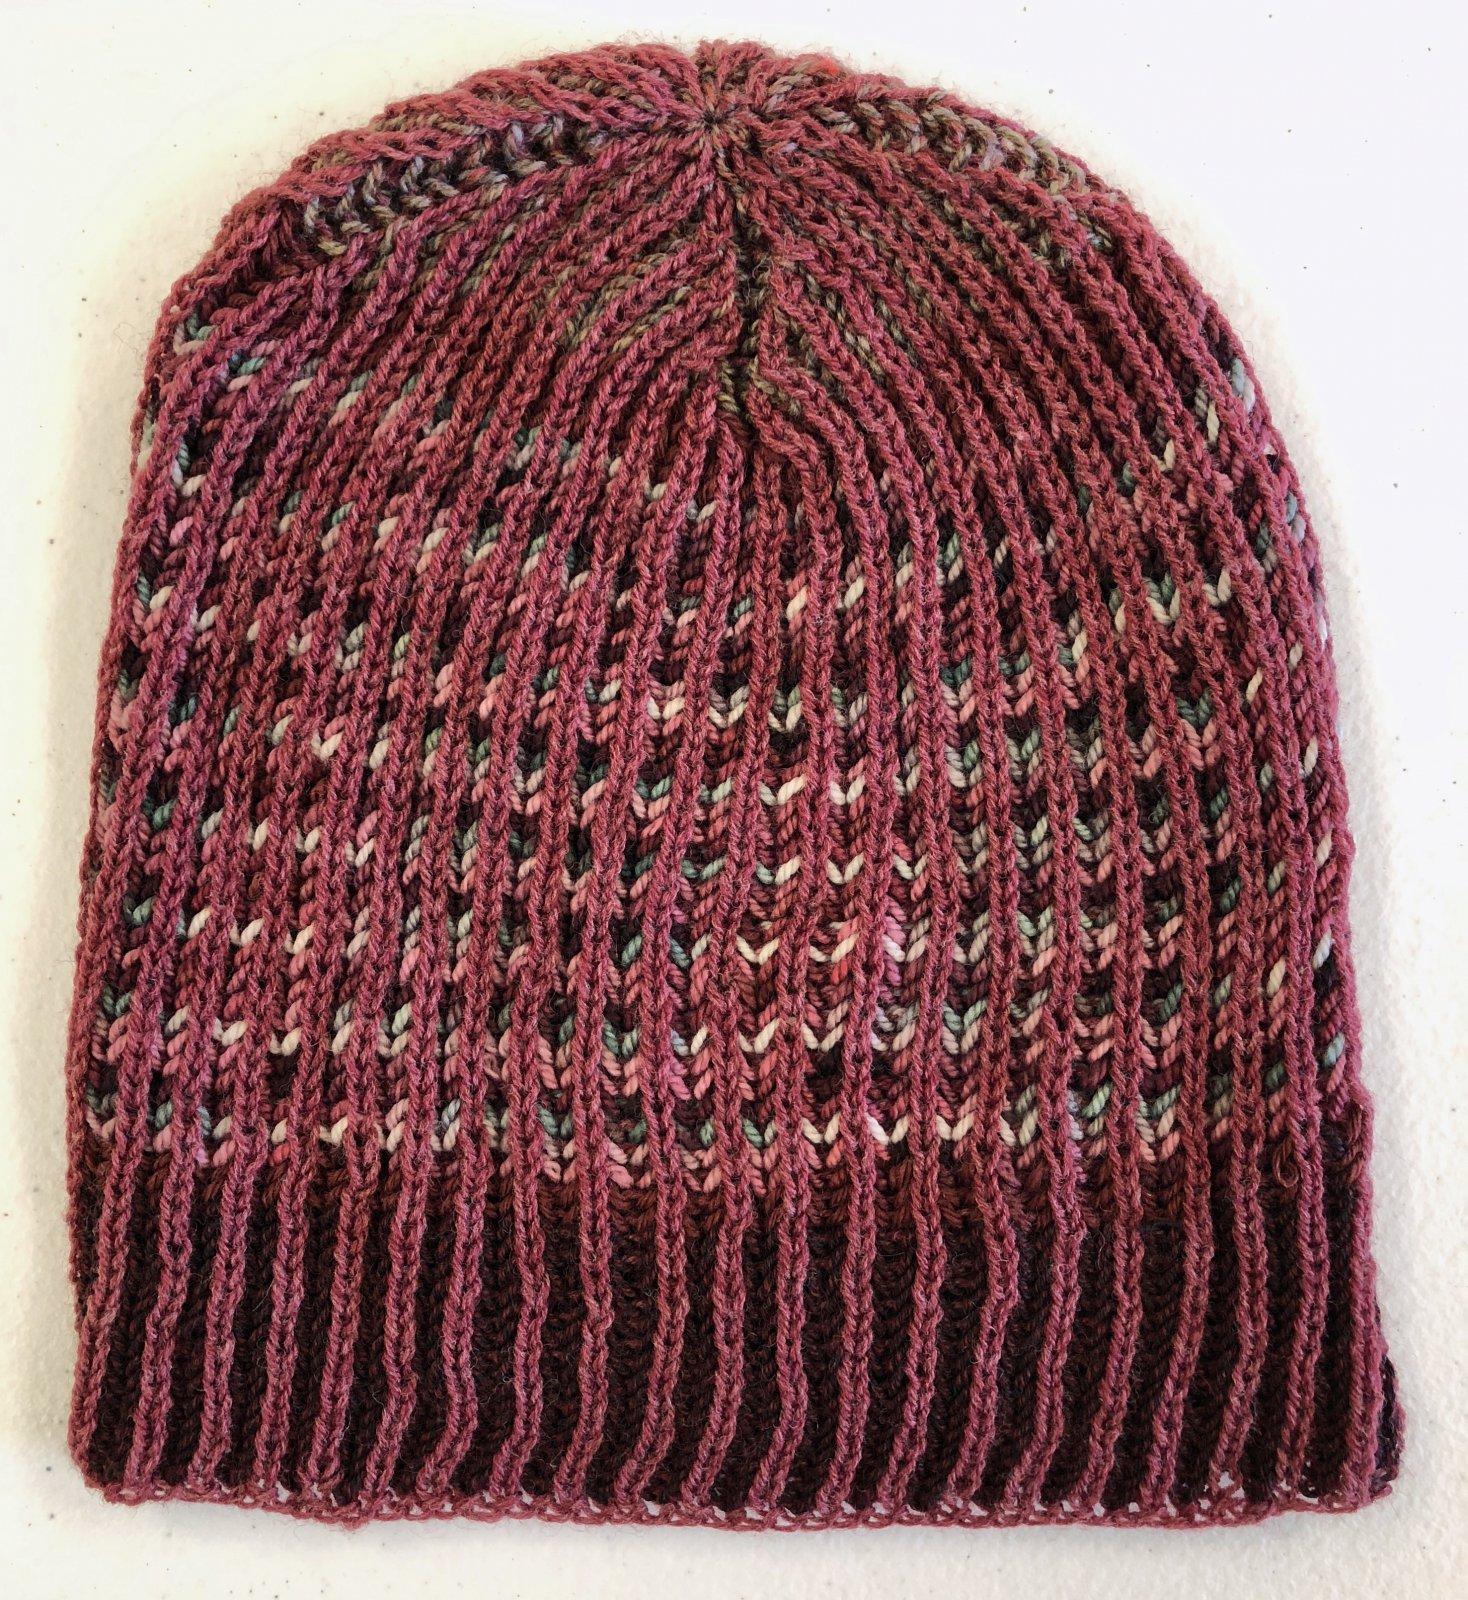 da2ba09d25f Learn two-color Brioche  knit in the round to make a vertically striped